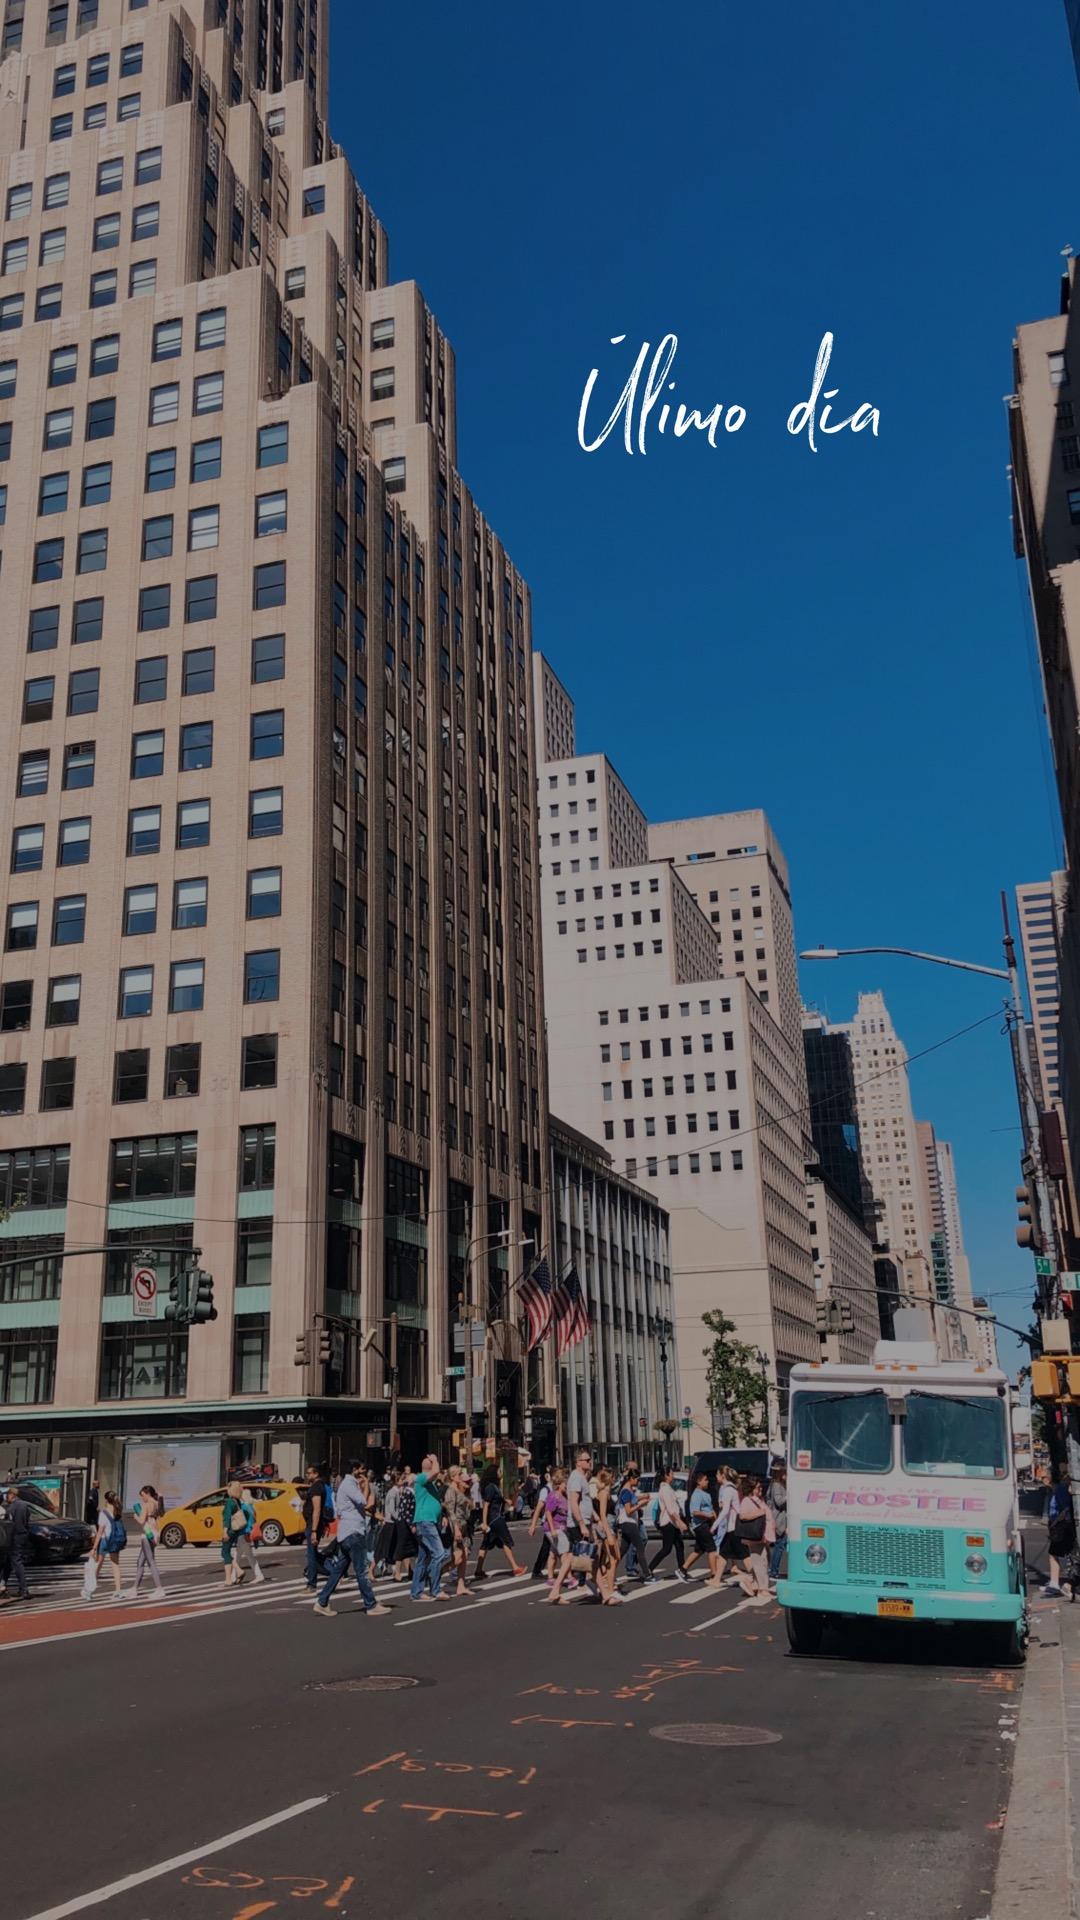 NYC y mis recomendaciones